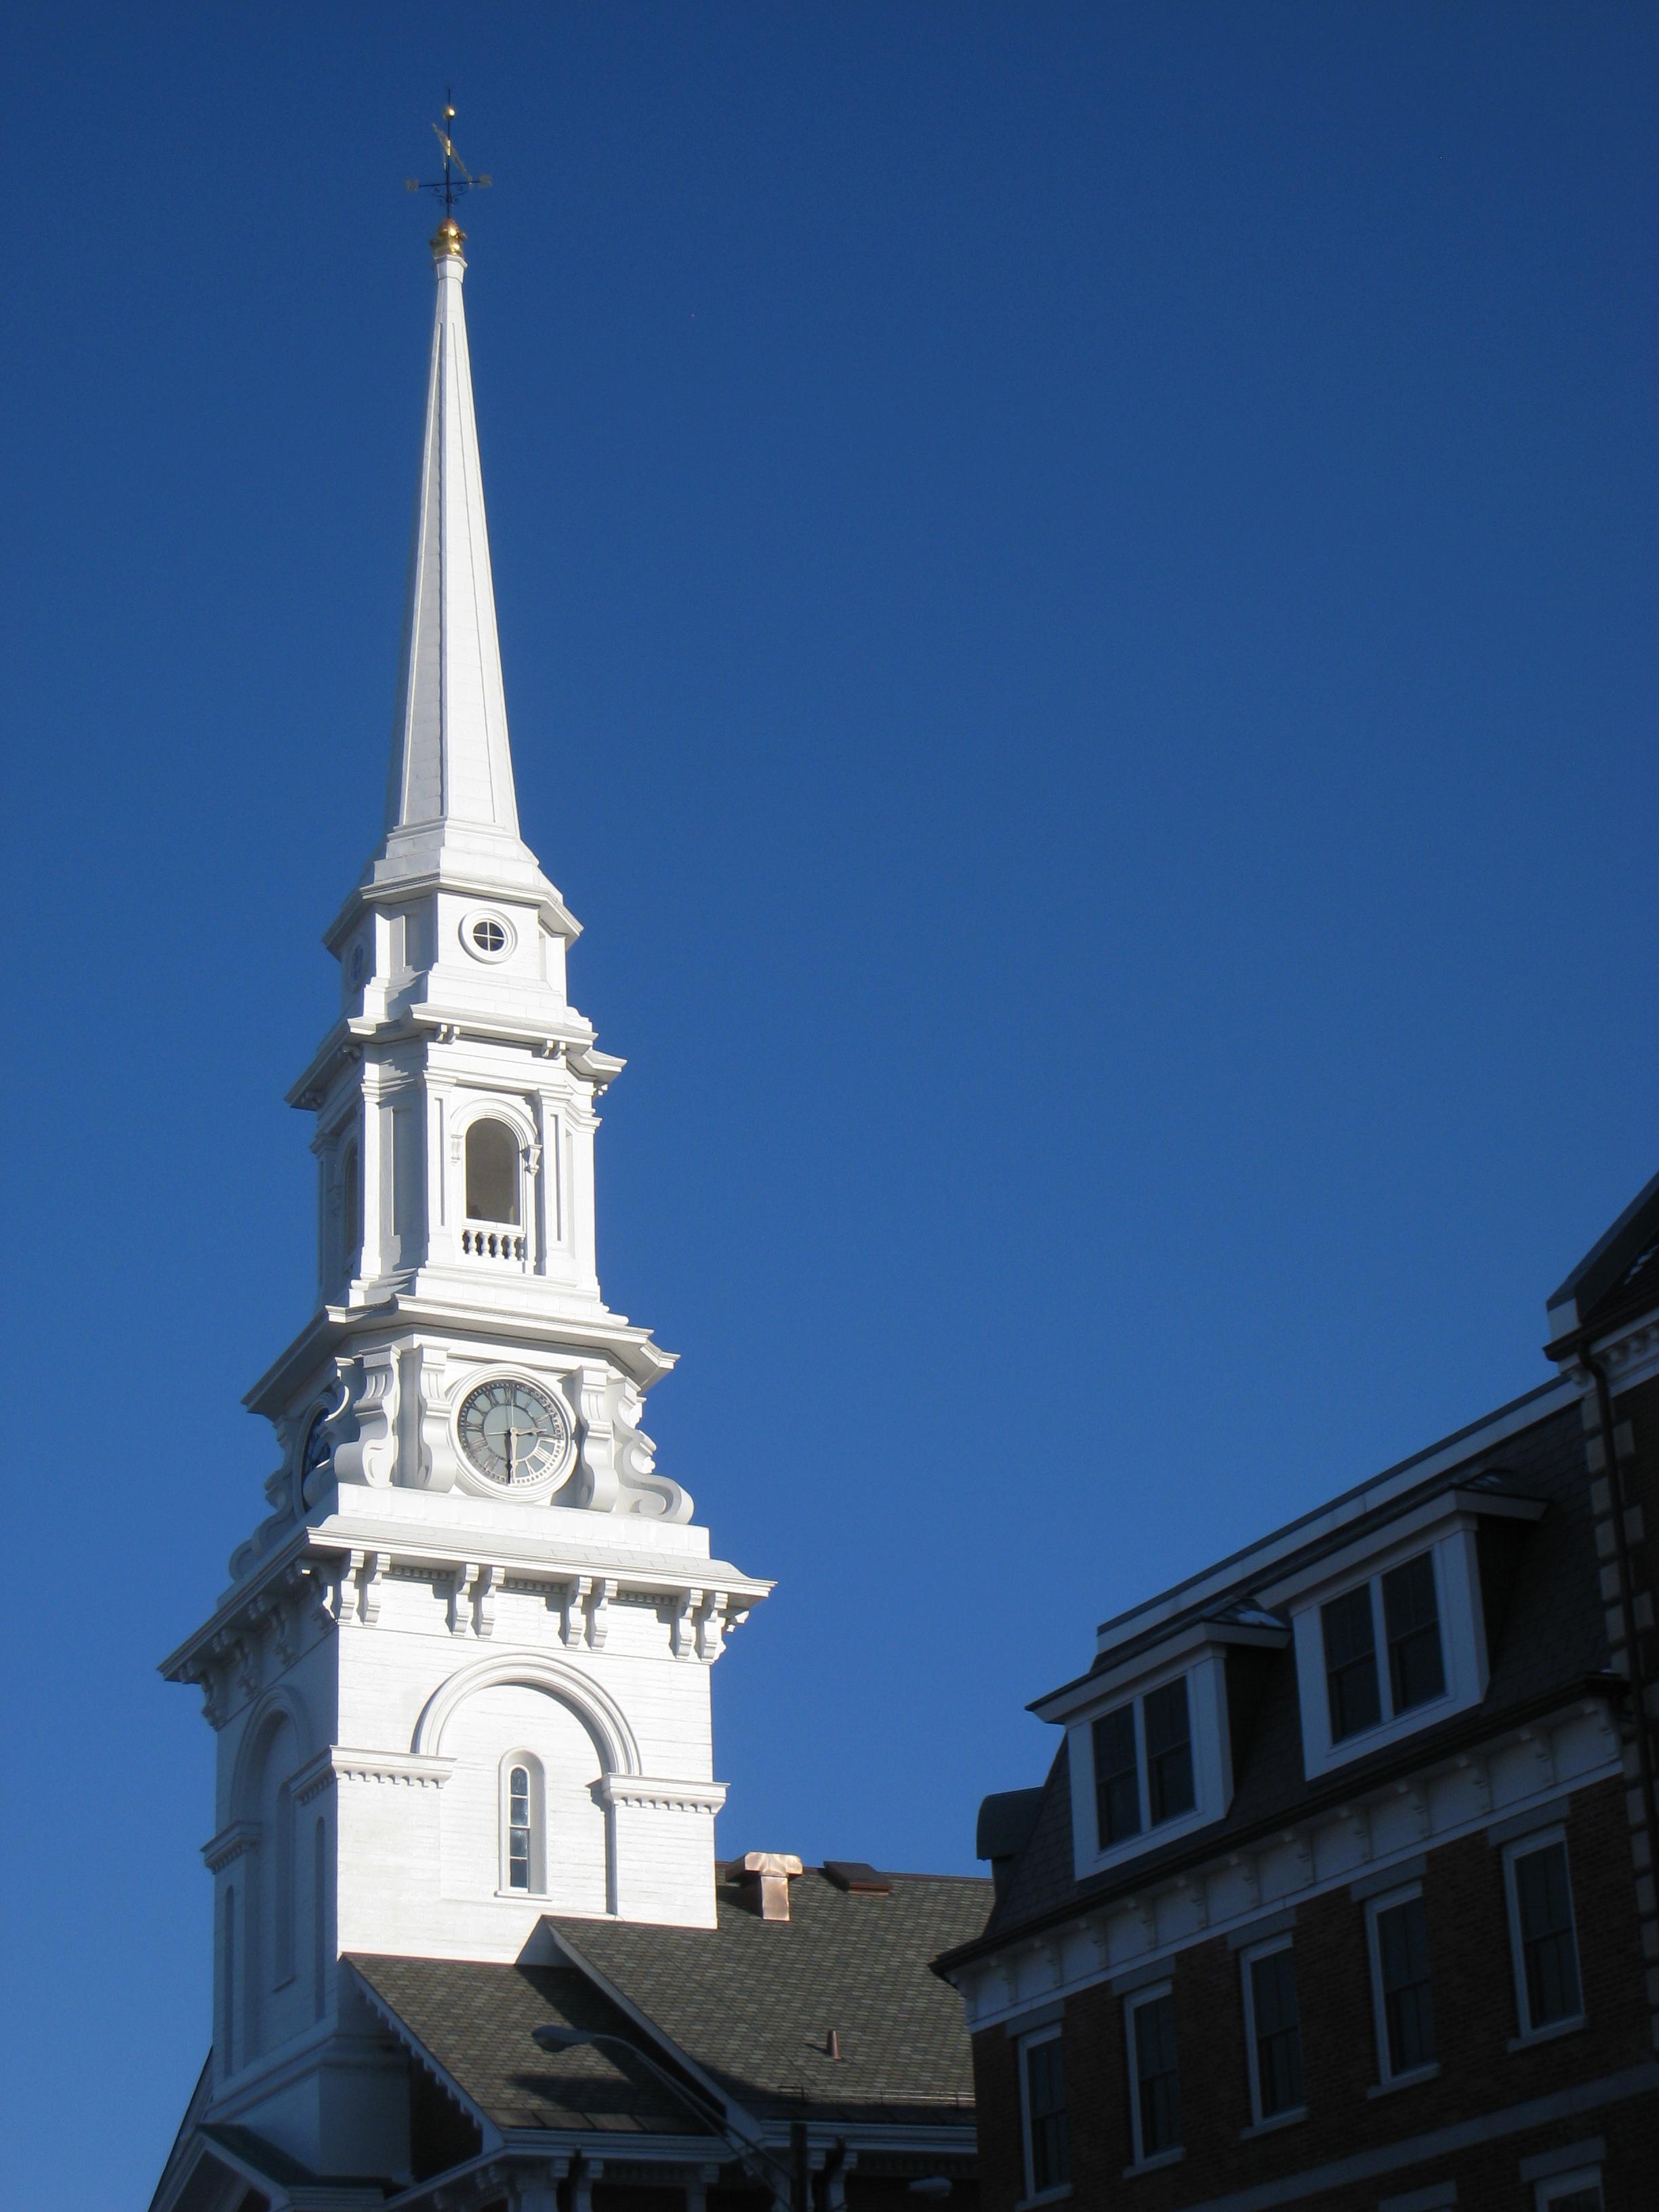 Fileportsmouth nh north church steepleg wikimedia commons fileportsmouth nh north church steepleg altavistaventures Images